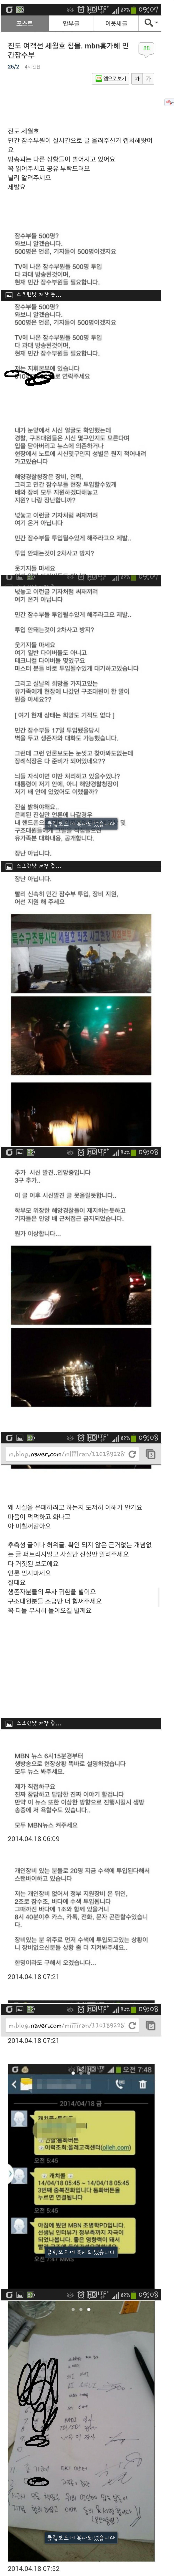 홍가혜의 거짓말- MBN/뉴스타파/이규창 왜곡 보도..